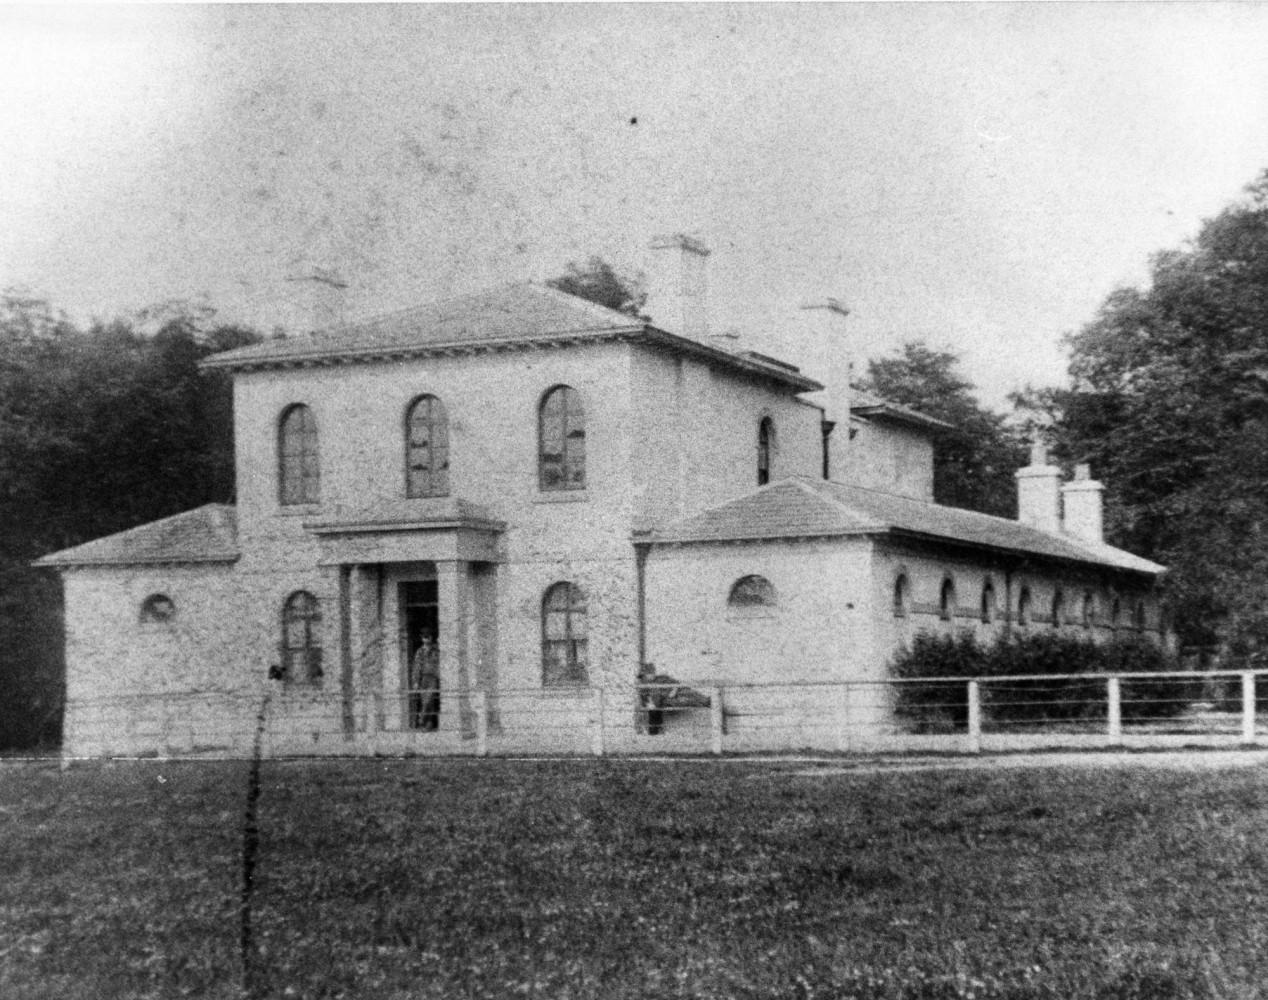 1830 Pump Room Woodhall Spa